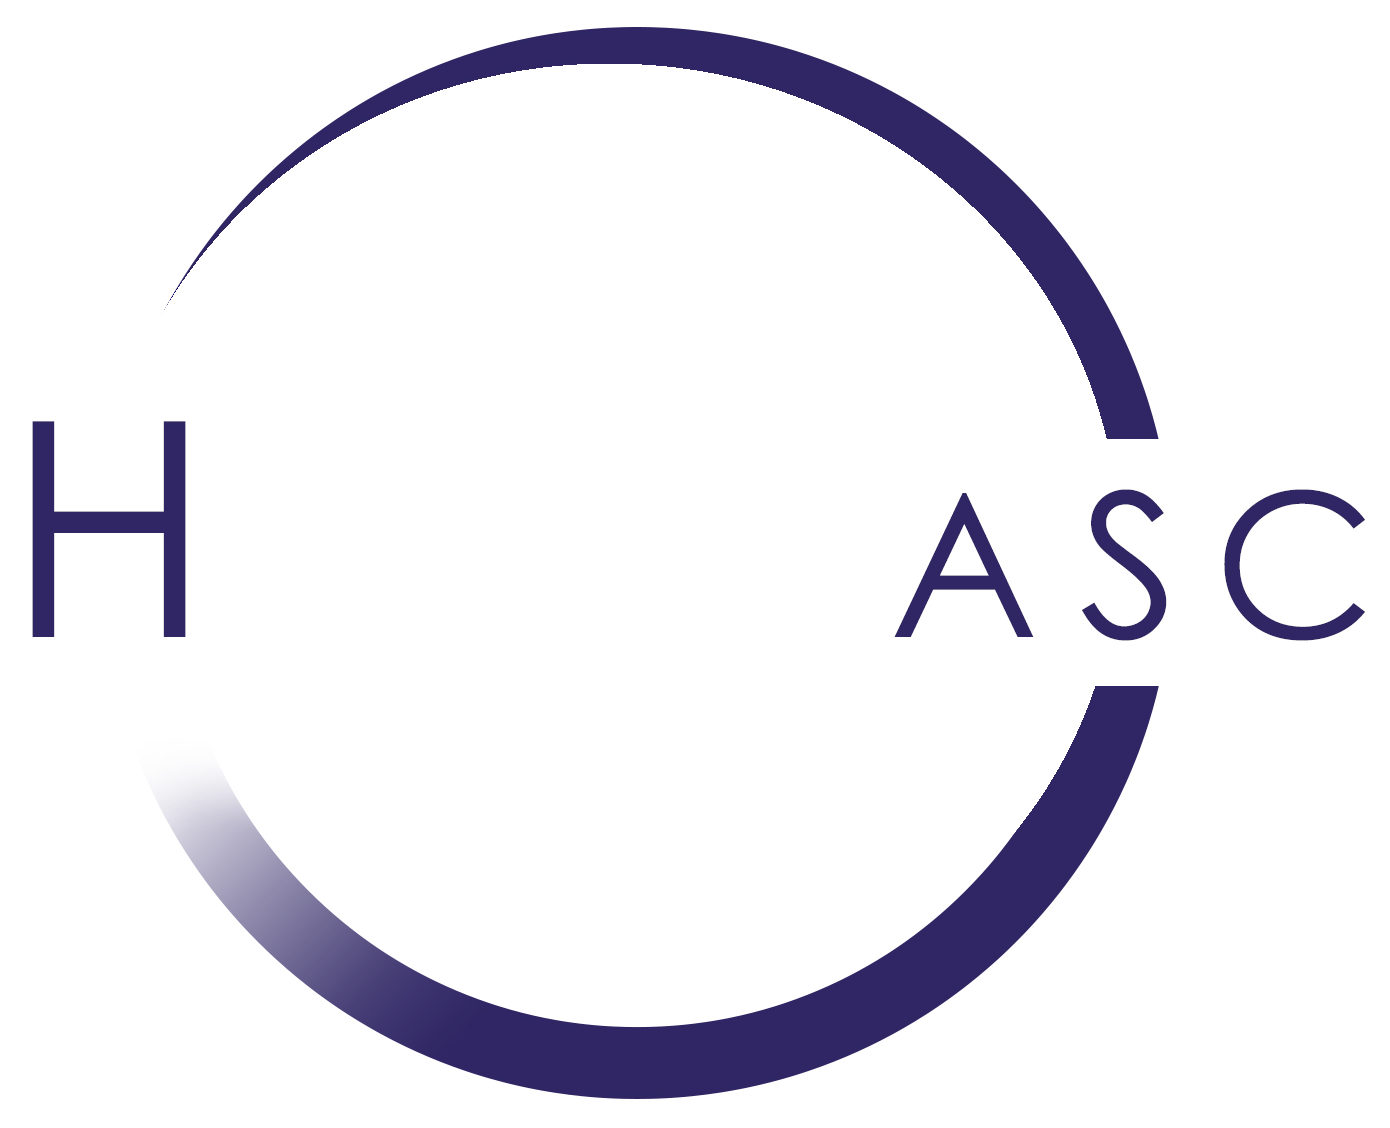 HASC - Agence de Conseil handi-responsable